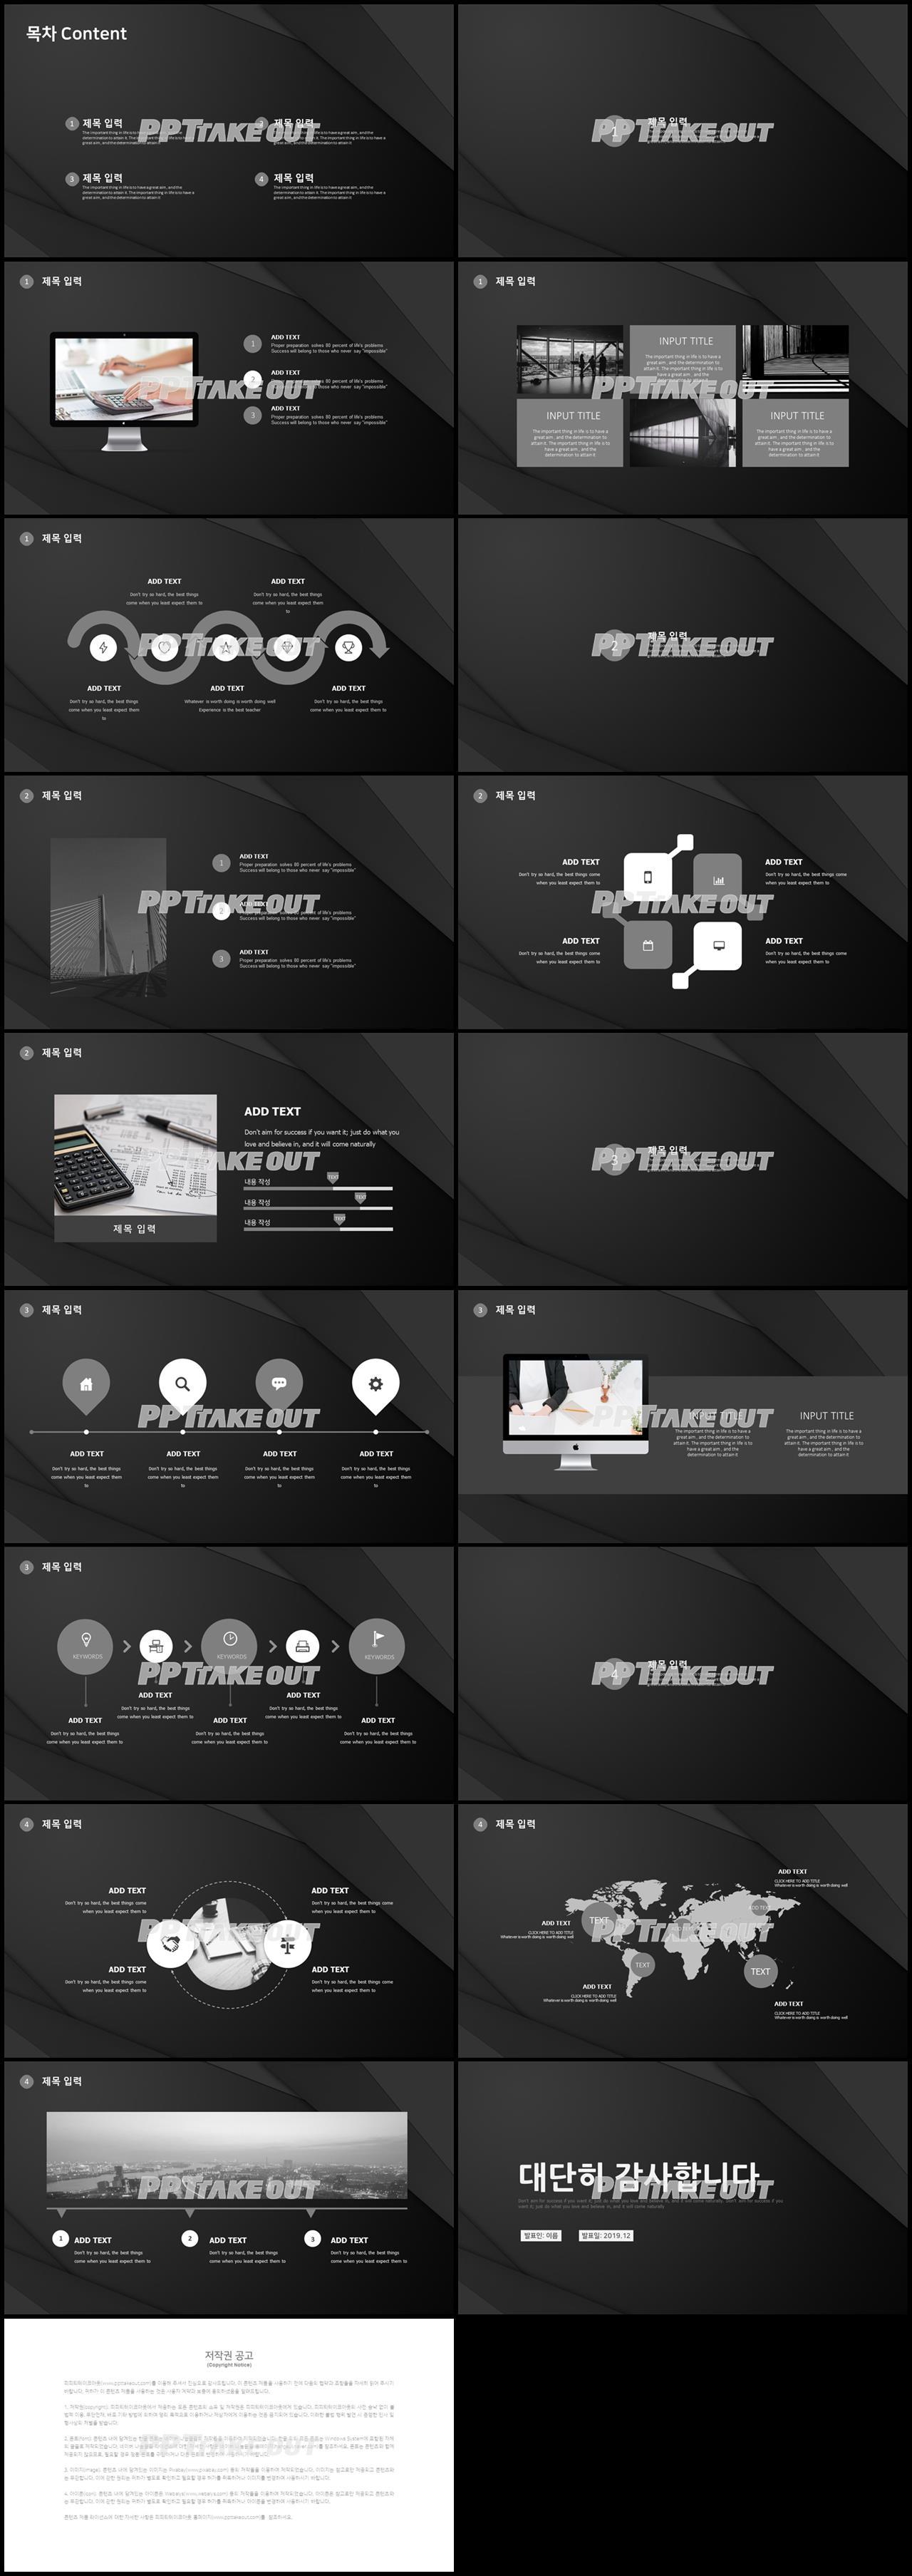 사업융자 블랙 캄캄한 고퀄리티 POWERPOINT템플릿 제작 상세보기